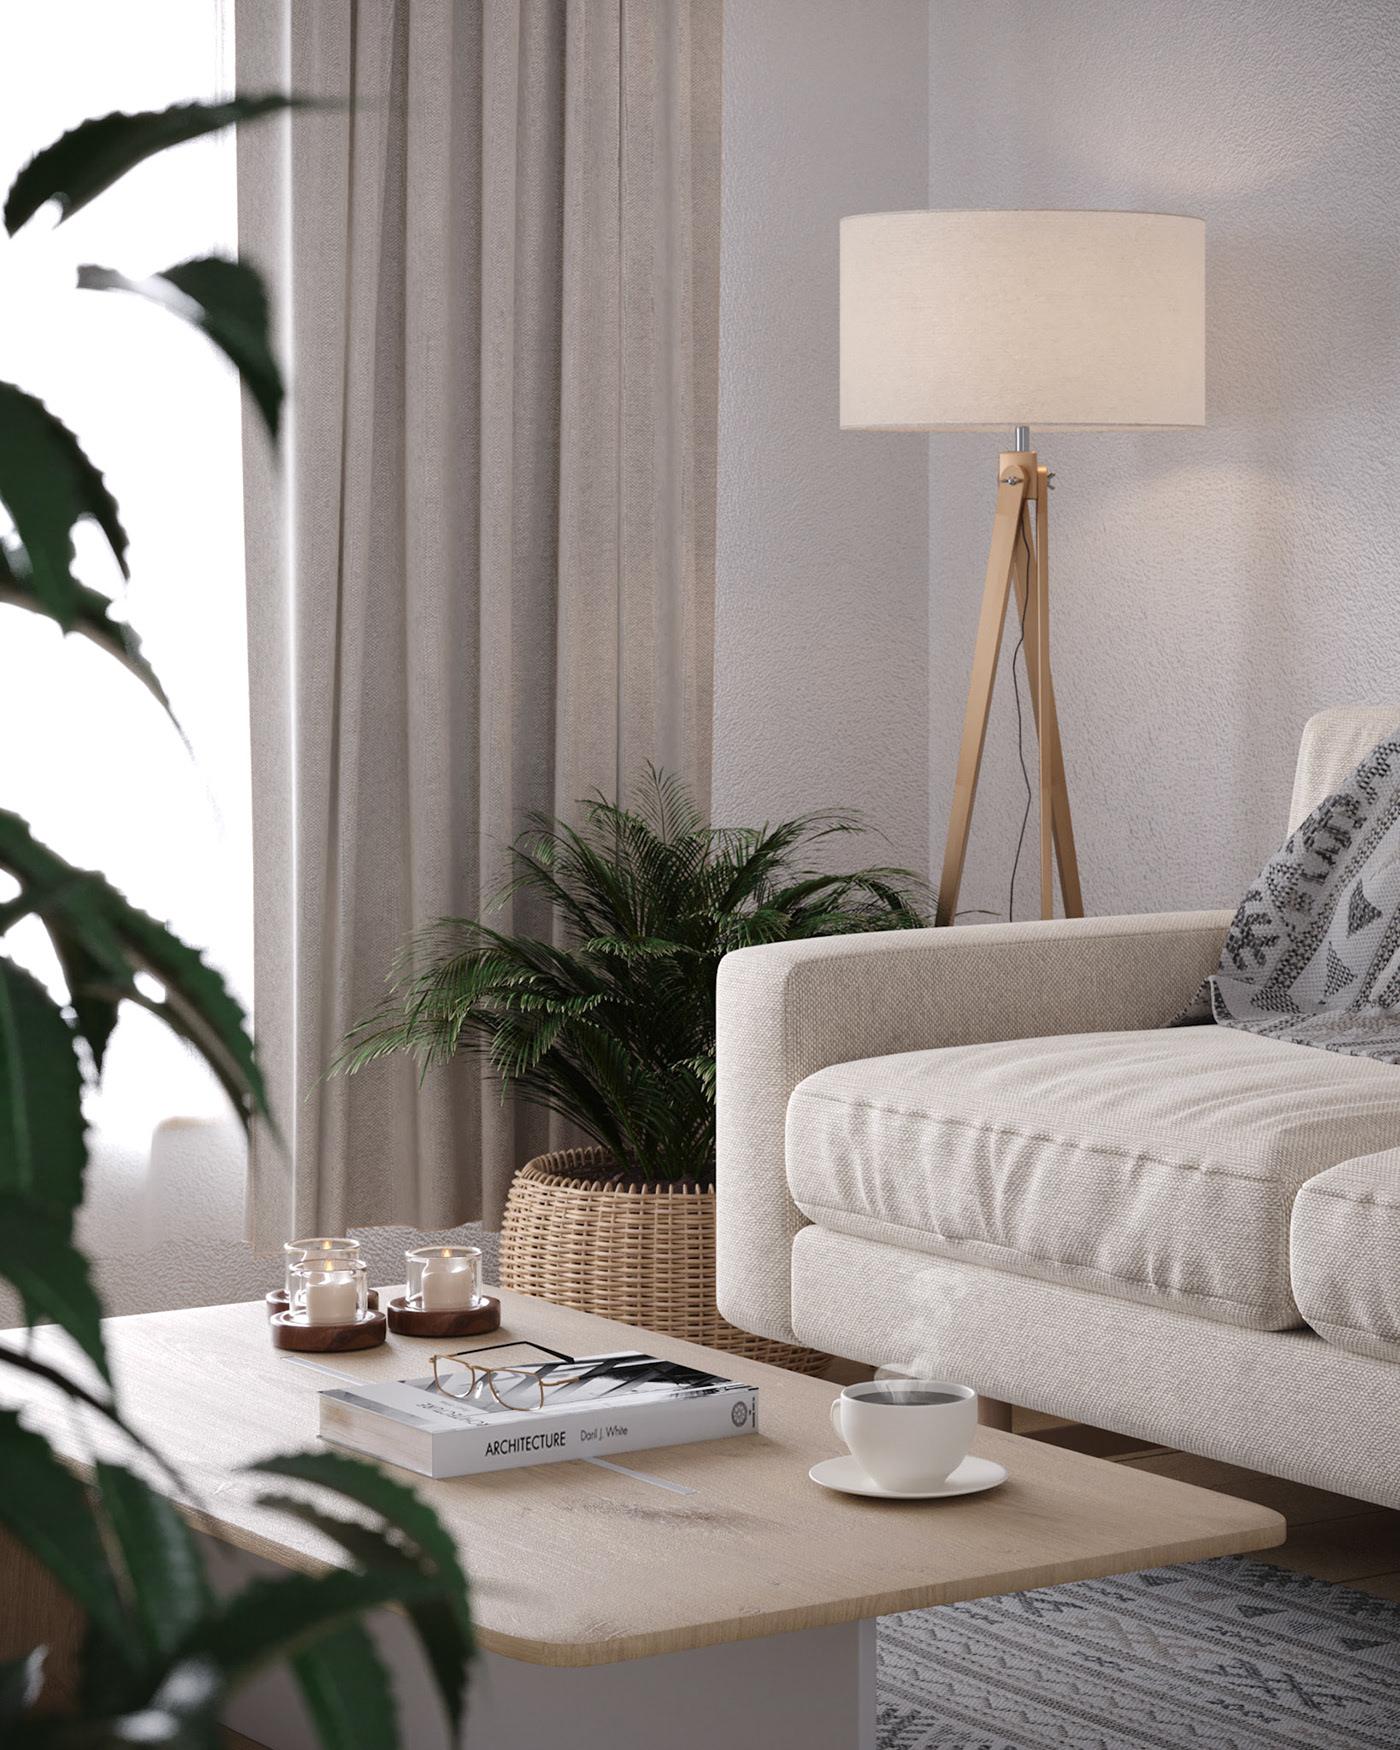 Kiến trúc sư tư vấn thiết kế căn hộ 67m² dành cho cô gái độc thân chi phí 98,3 triệu đồng  - Ảnh 5.